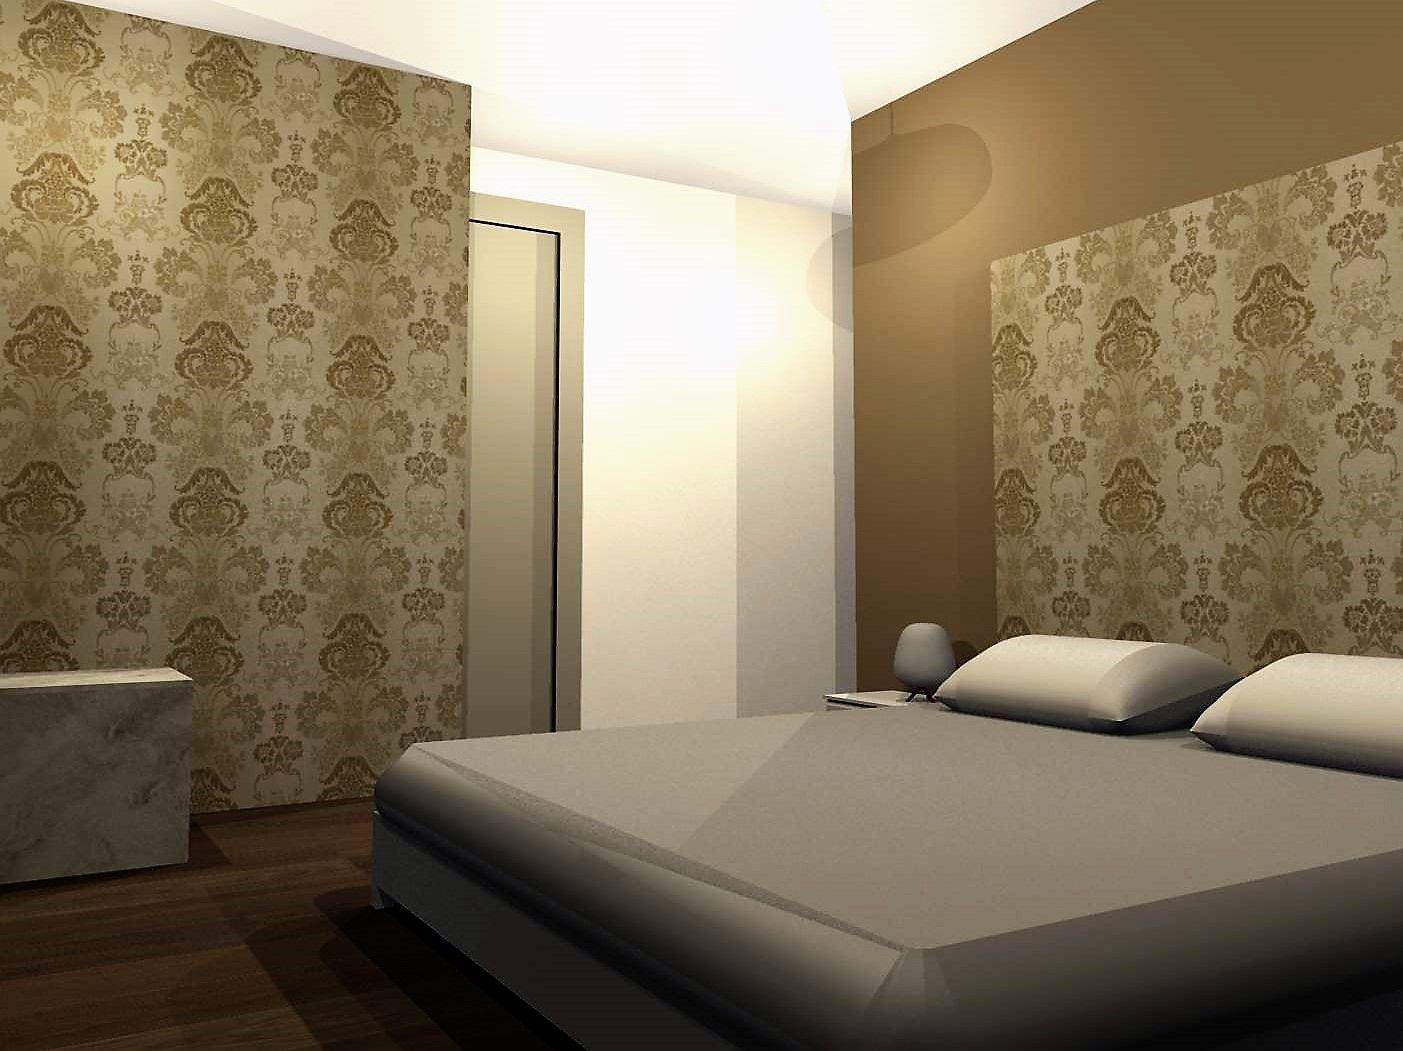 Gestaltungsvorschlag Schlafzimmer Mit Ornament Tapete Und Wanden